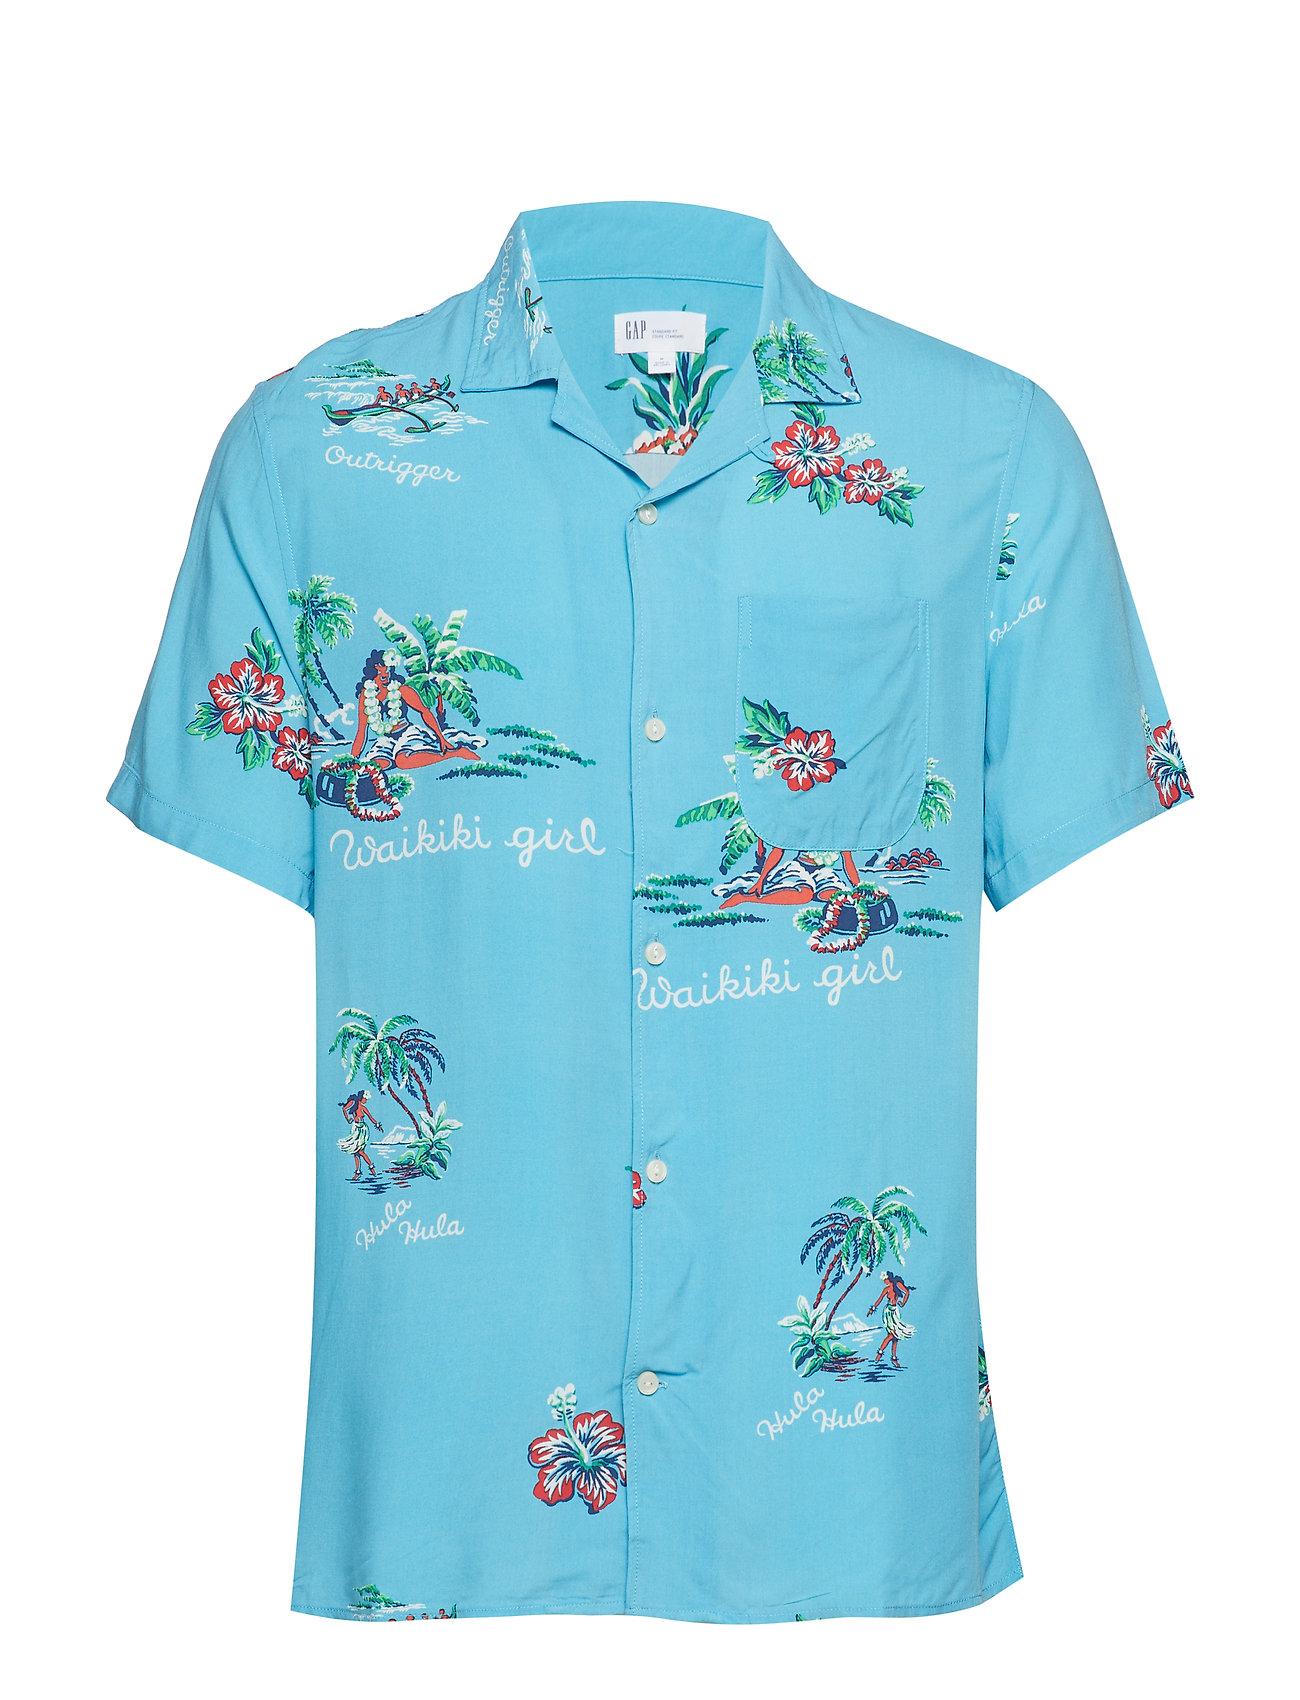 GAP Print Camp Shirt - AQUA BLUE SKY PRINT